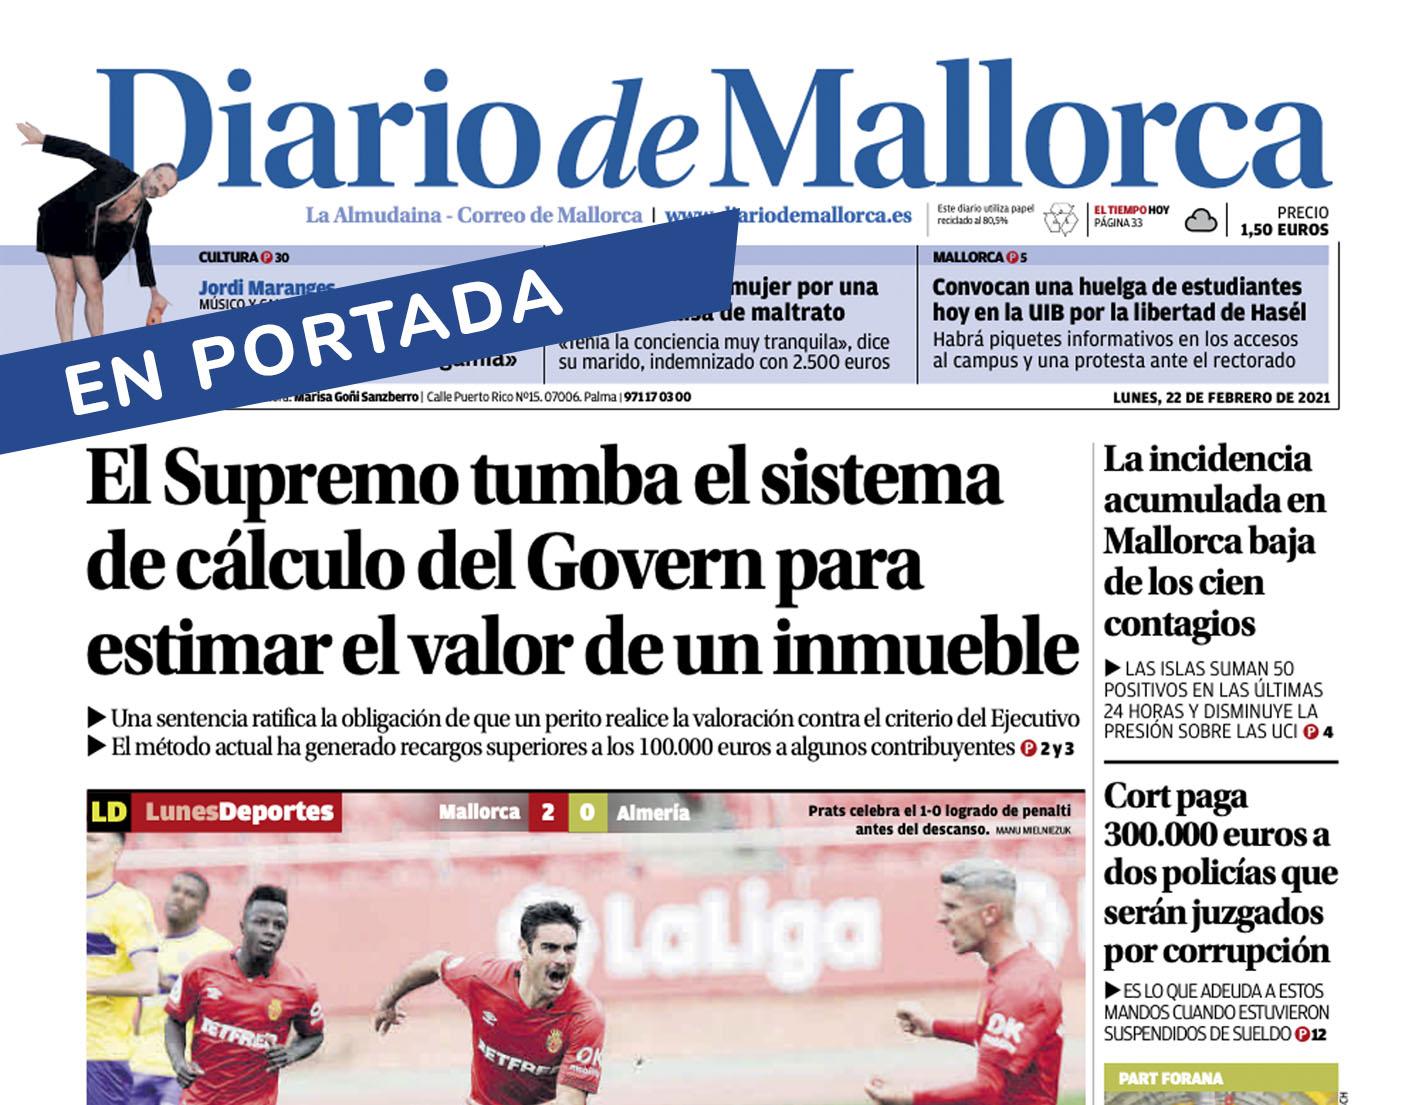 Alejandro Del Campo citado en Diario De Mallorca en noticia de portada: El Supremo tumba el sistema de cálculo del Govern por el valor del inmueble.